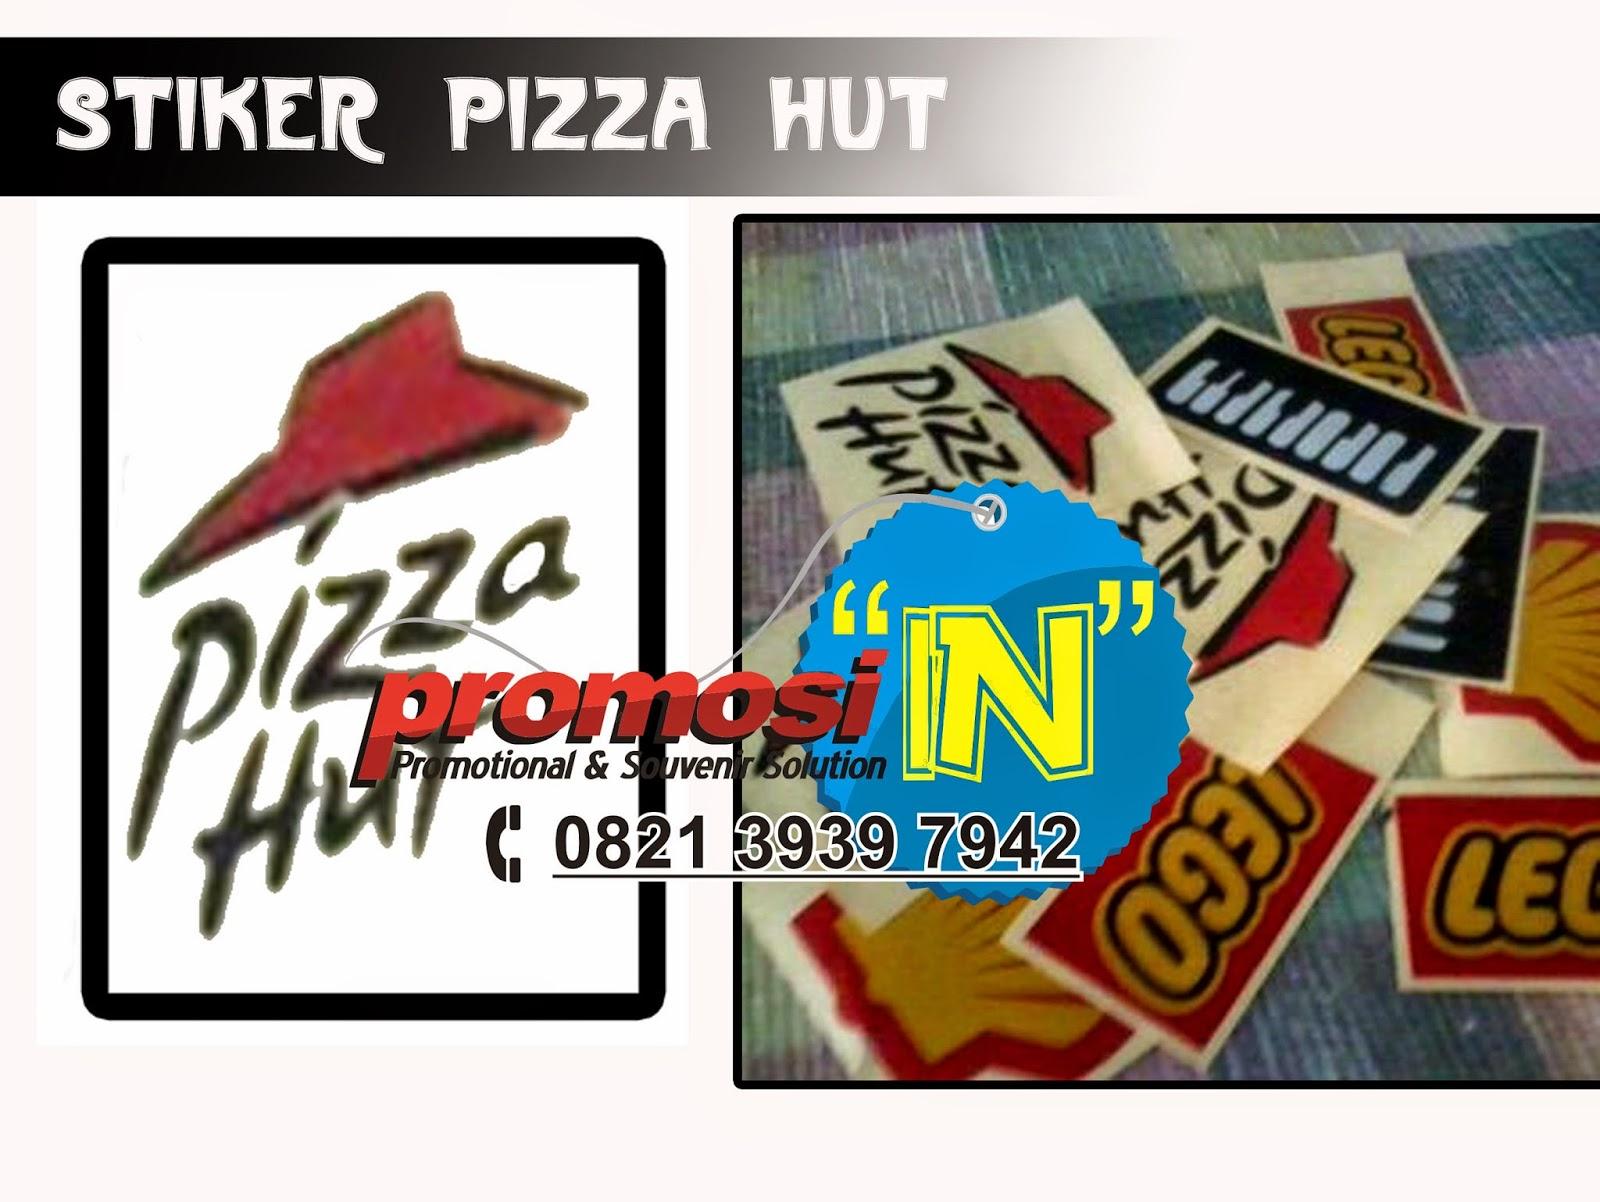 Cetak Stiker dan Label, Jasa Stiker, Pembuatan Stiker, Sticker Cutting Murah, Stiker,